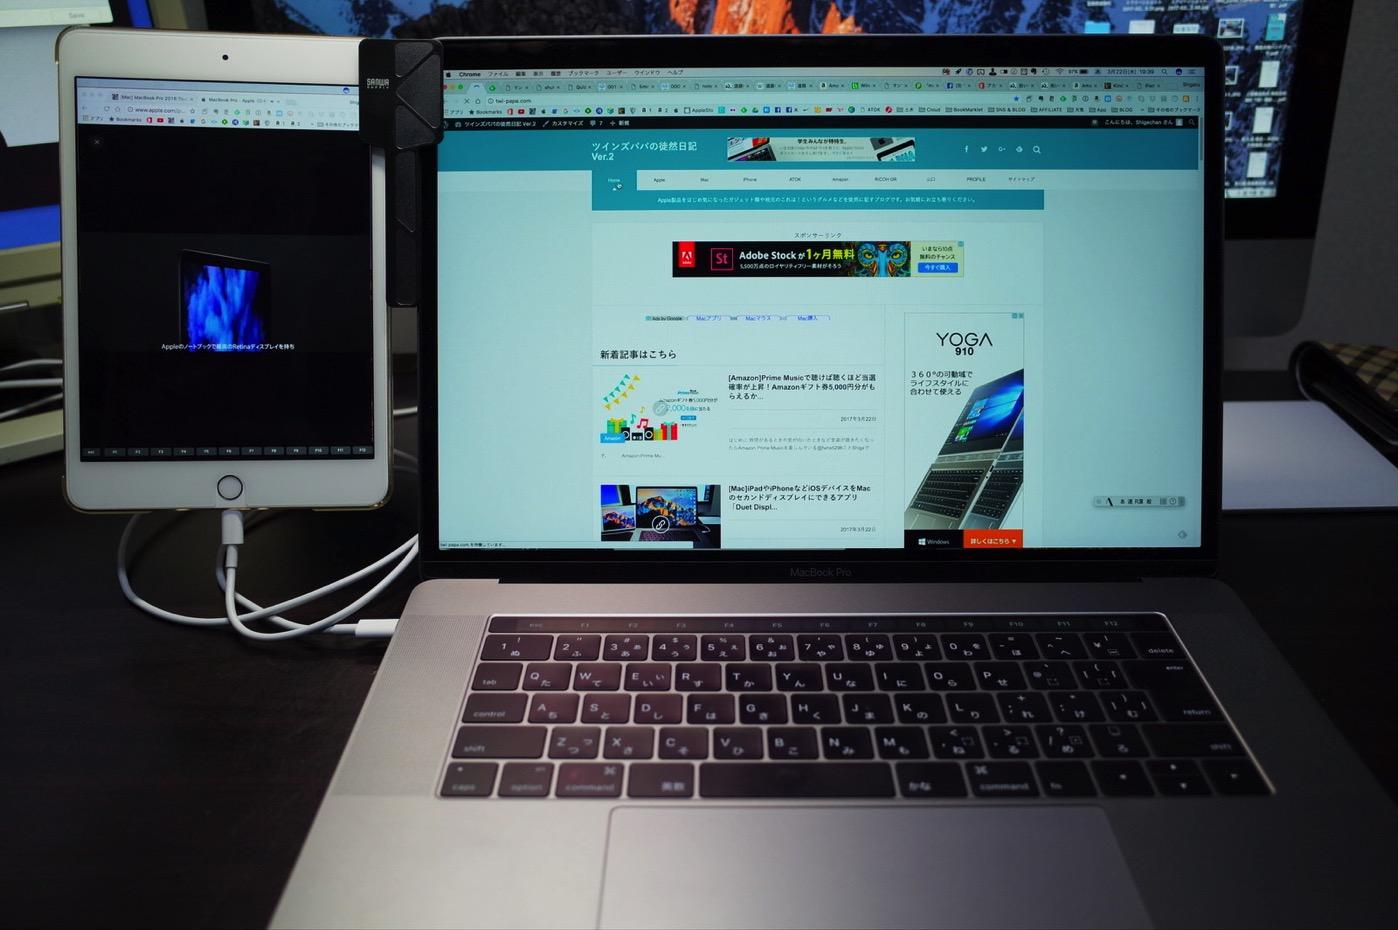 [Mac]サンワサプライのスマホクリップを使ってMacBook ProとiPad mini 4のダブルディスプレイ化にチャレンジしてみたよ